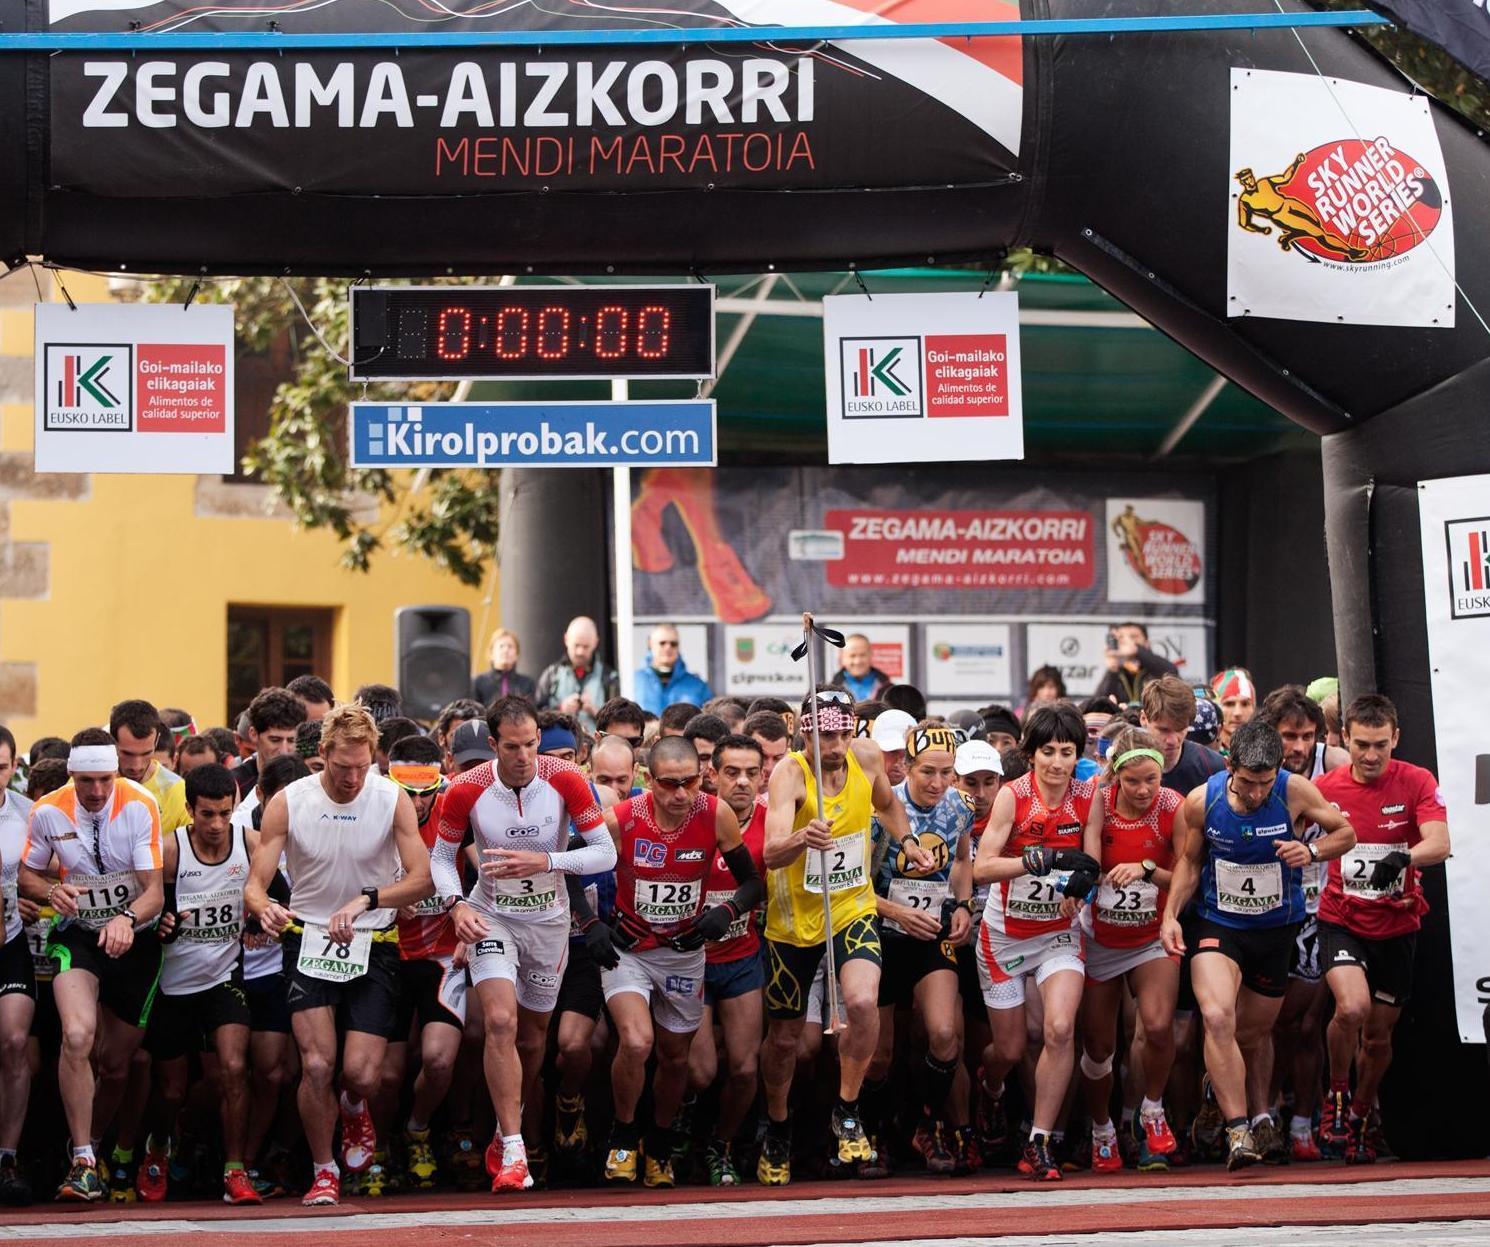 Maratón alpina Zegama-Aizkorri - 17 MAYO